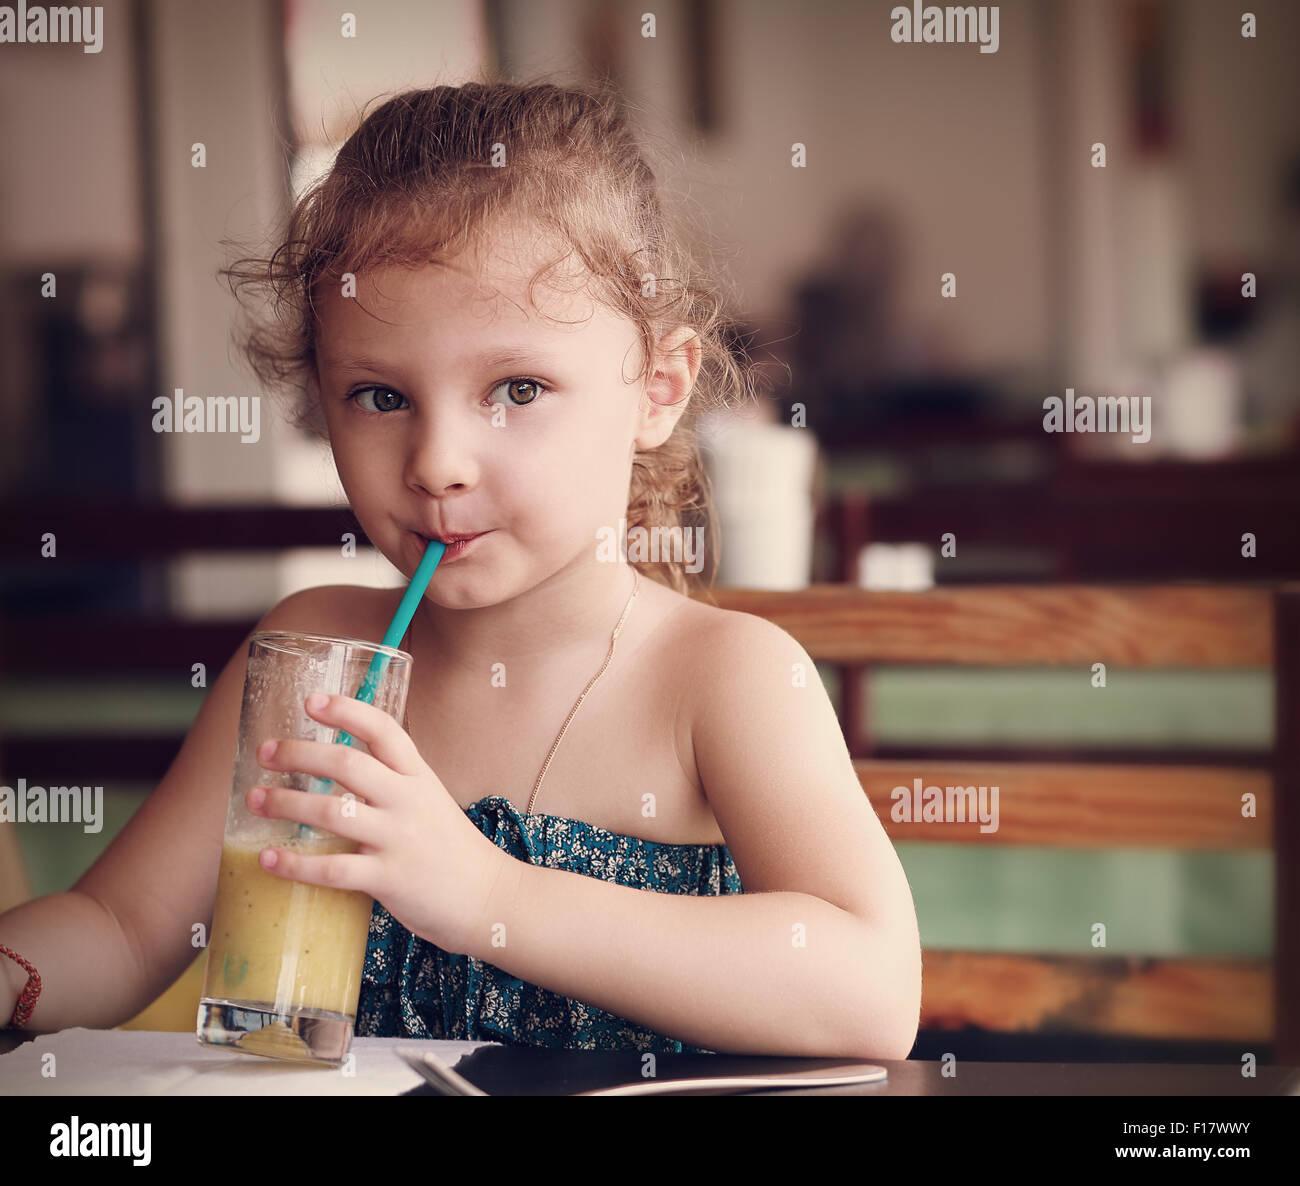 Niedliche denken Kind Mädchen trinken Saft im Café mit ernsten Blick. Closeup portrait Stockbild